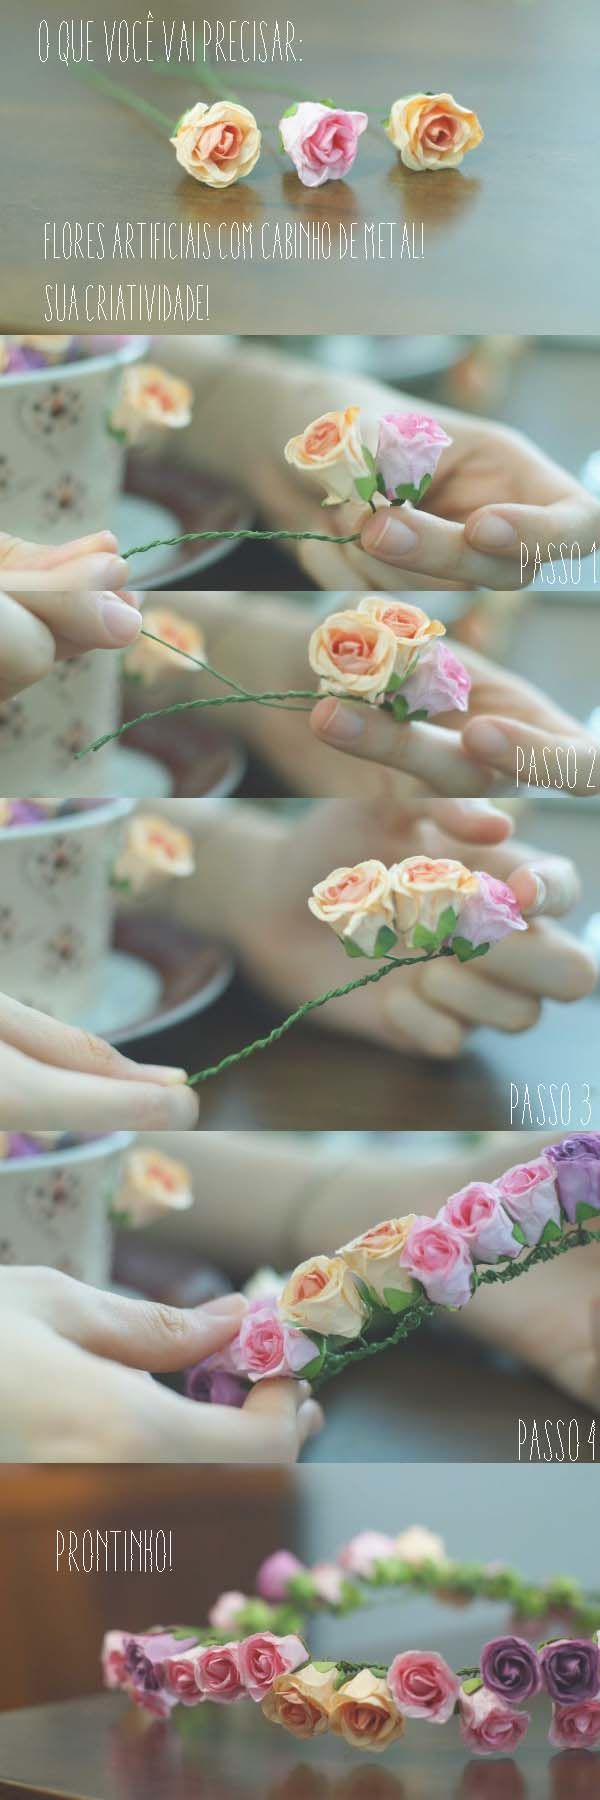 DIY de coroa de flores!                                                                                                                                                                                 Mais